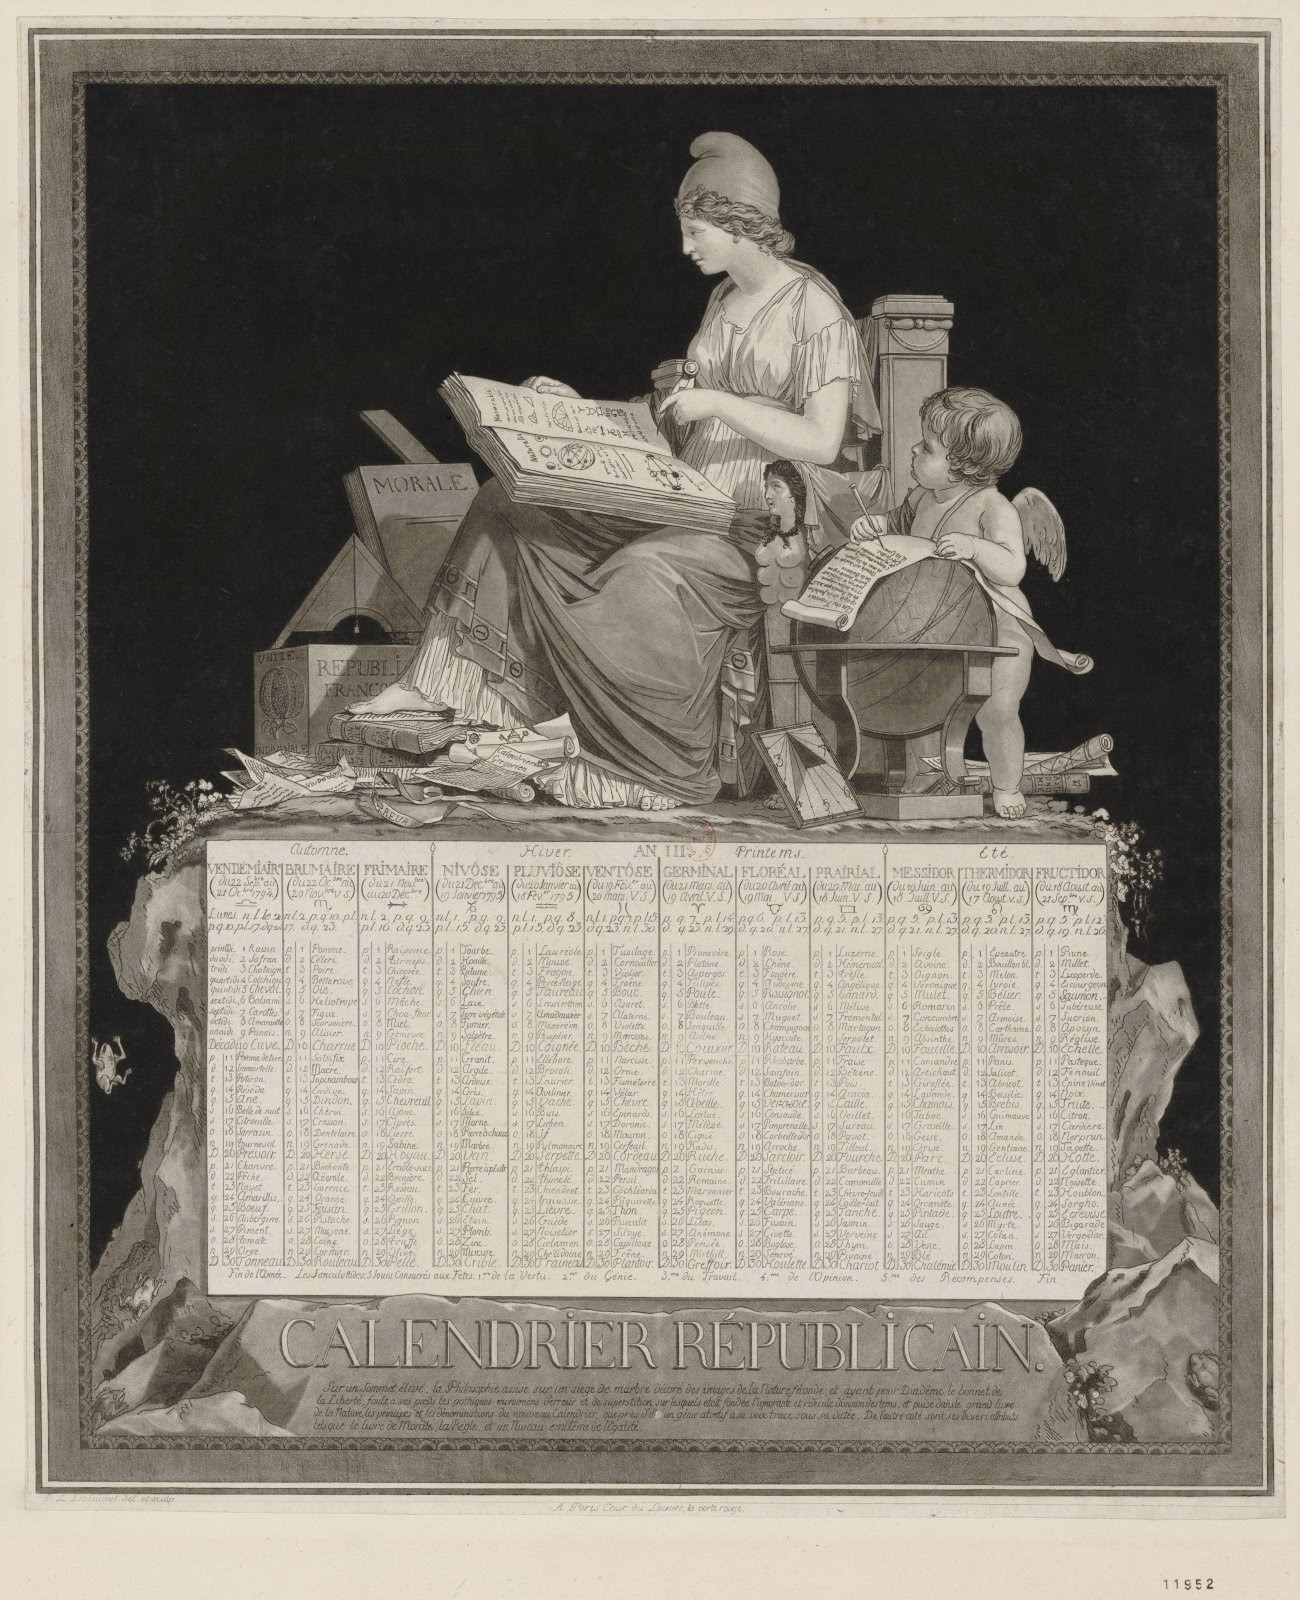 calendario republicano francés